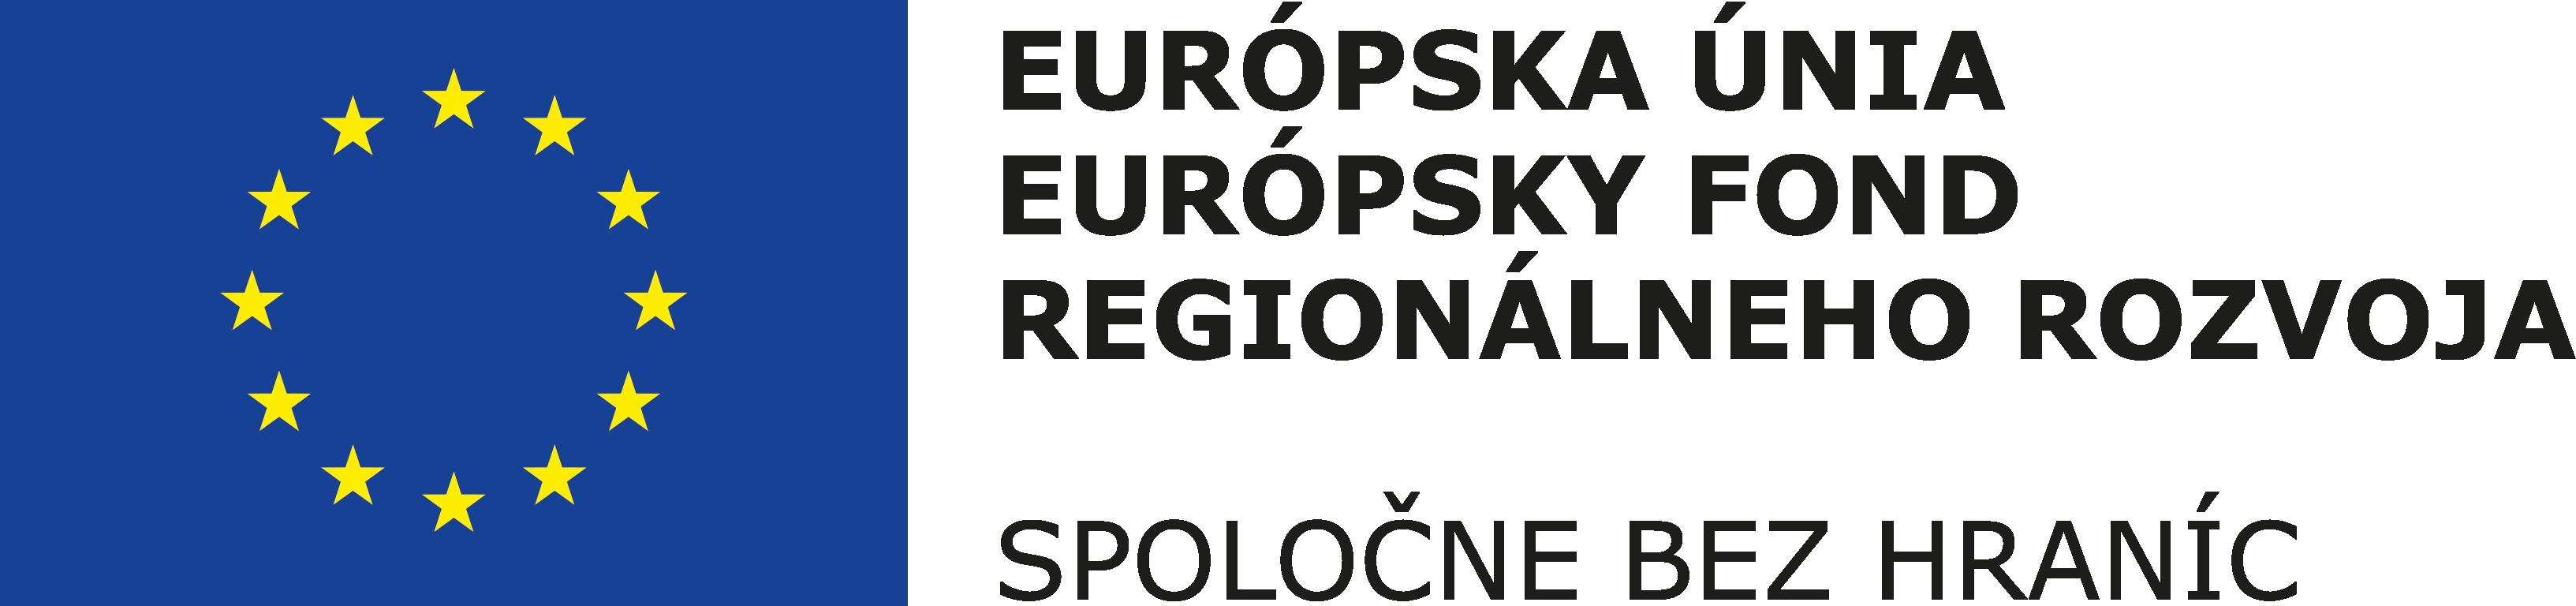 Európska únia - Európsky fond regionálneho rozvoja - Spoločne bez hraníc